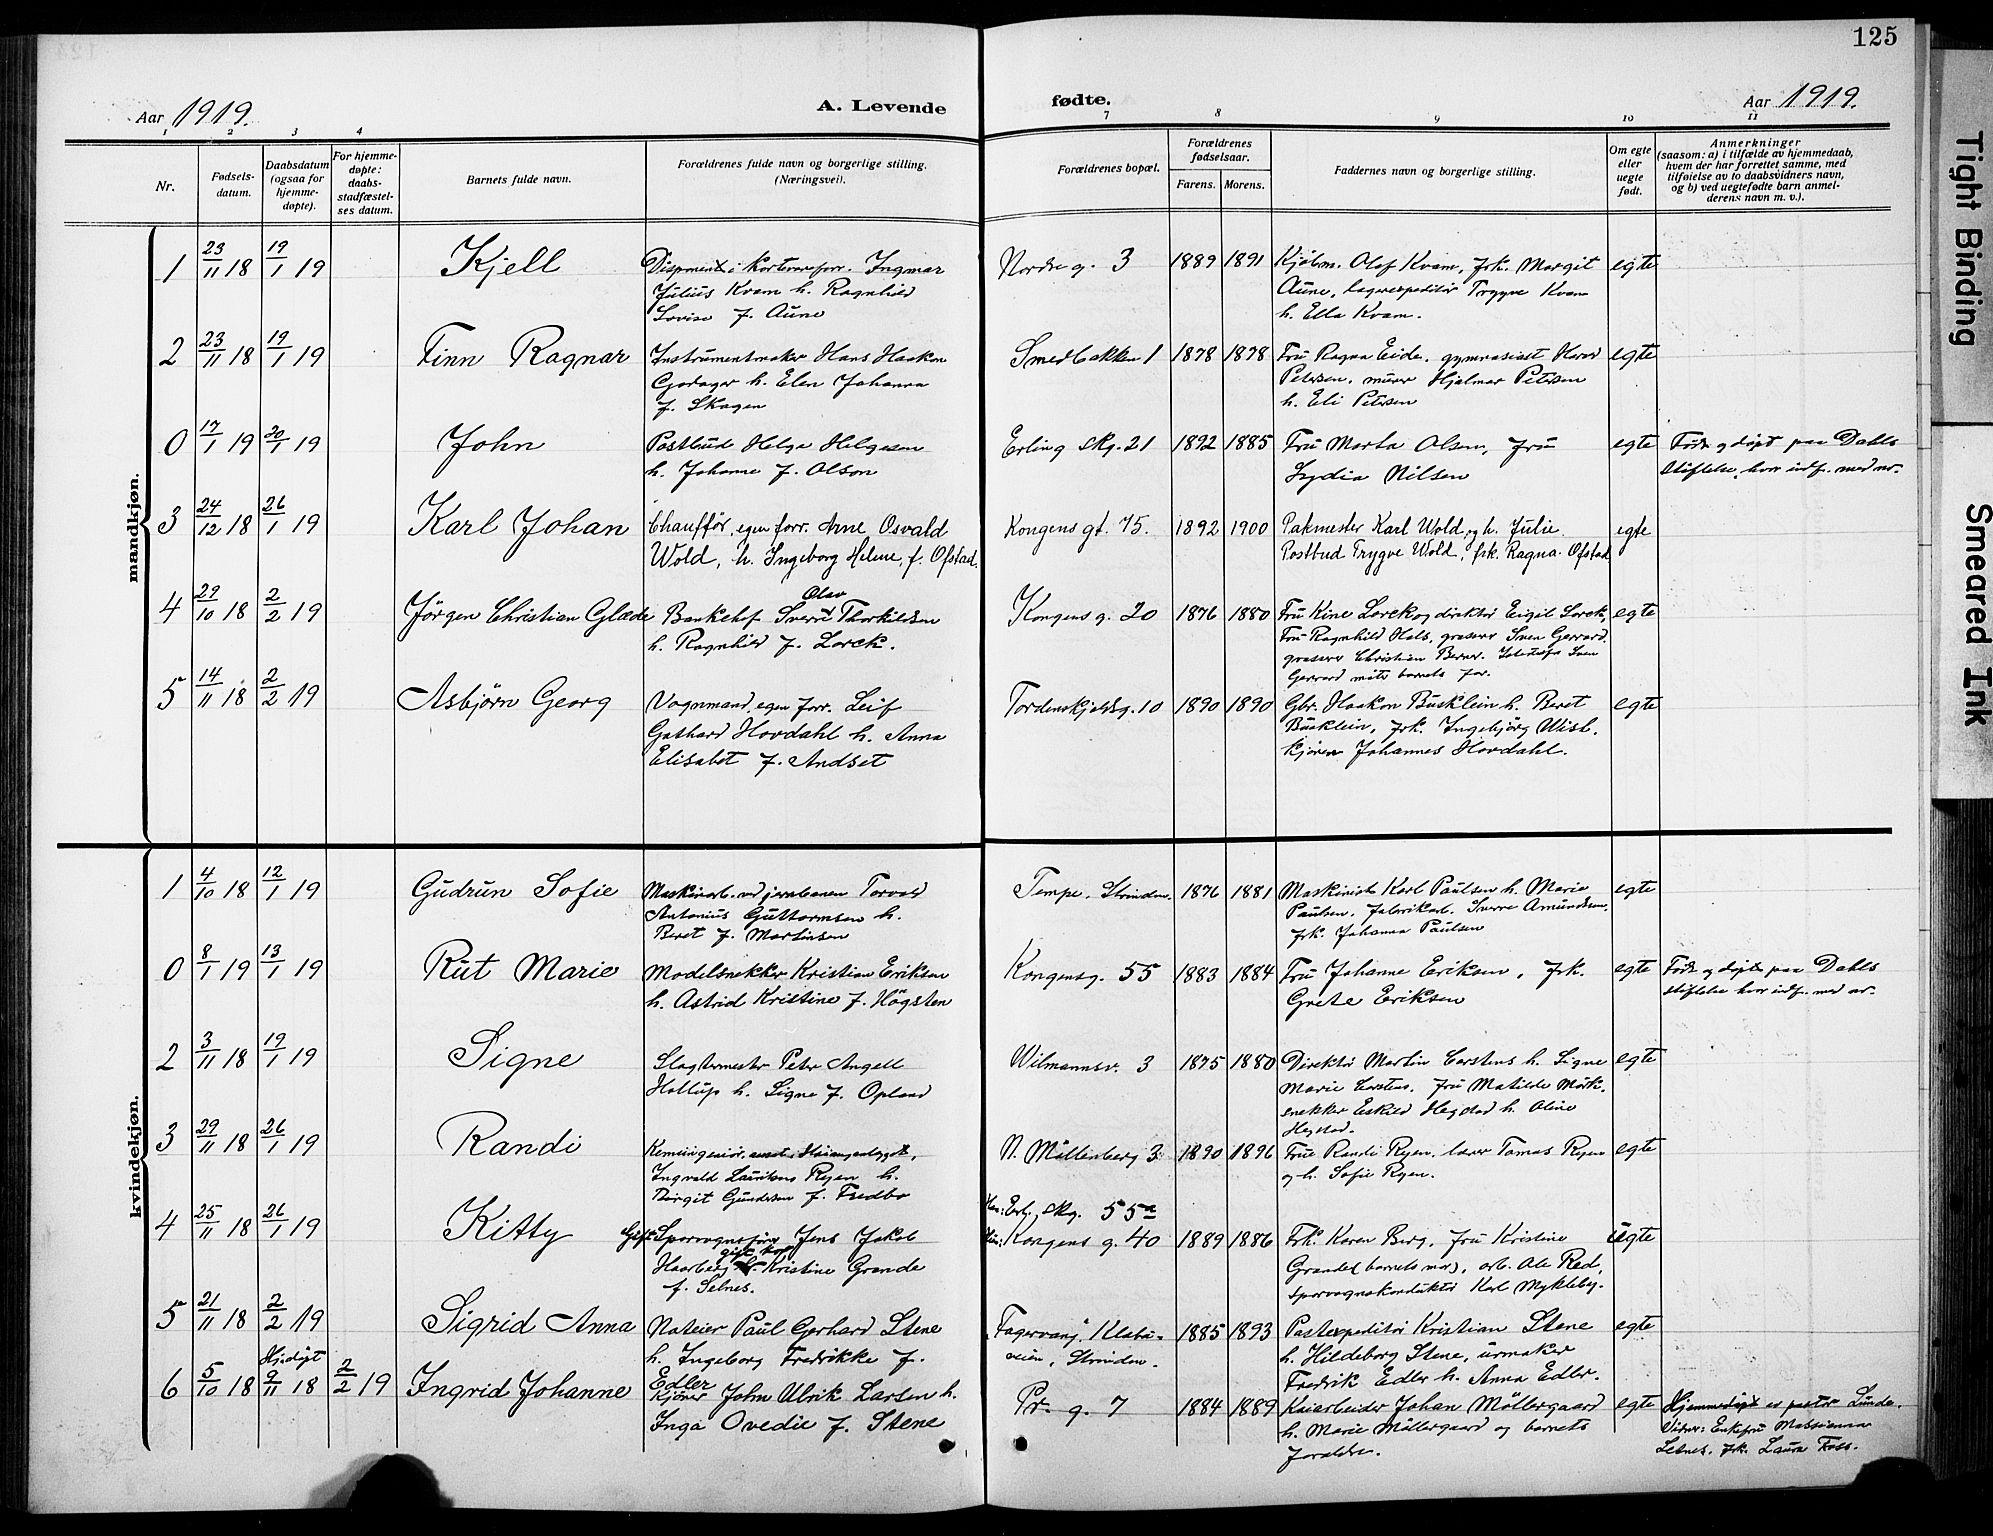 SAT, Ministerialprotokoller, klokkerbøker og fødselsregistre - Sør-Trøndelag, 601/L0096: Klokkerbok nr. 601C14, 1911-1931, s. 125